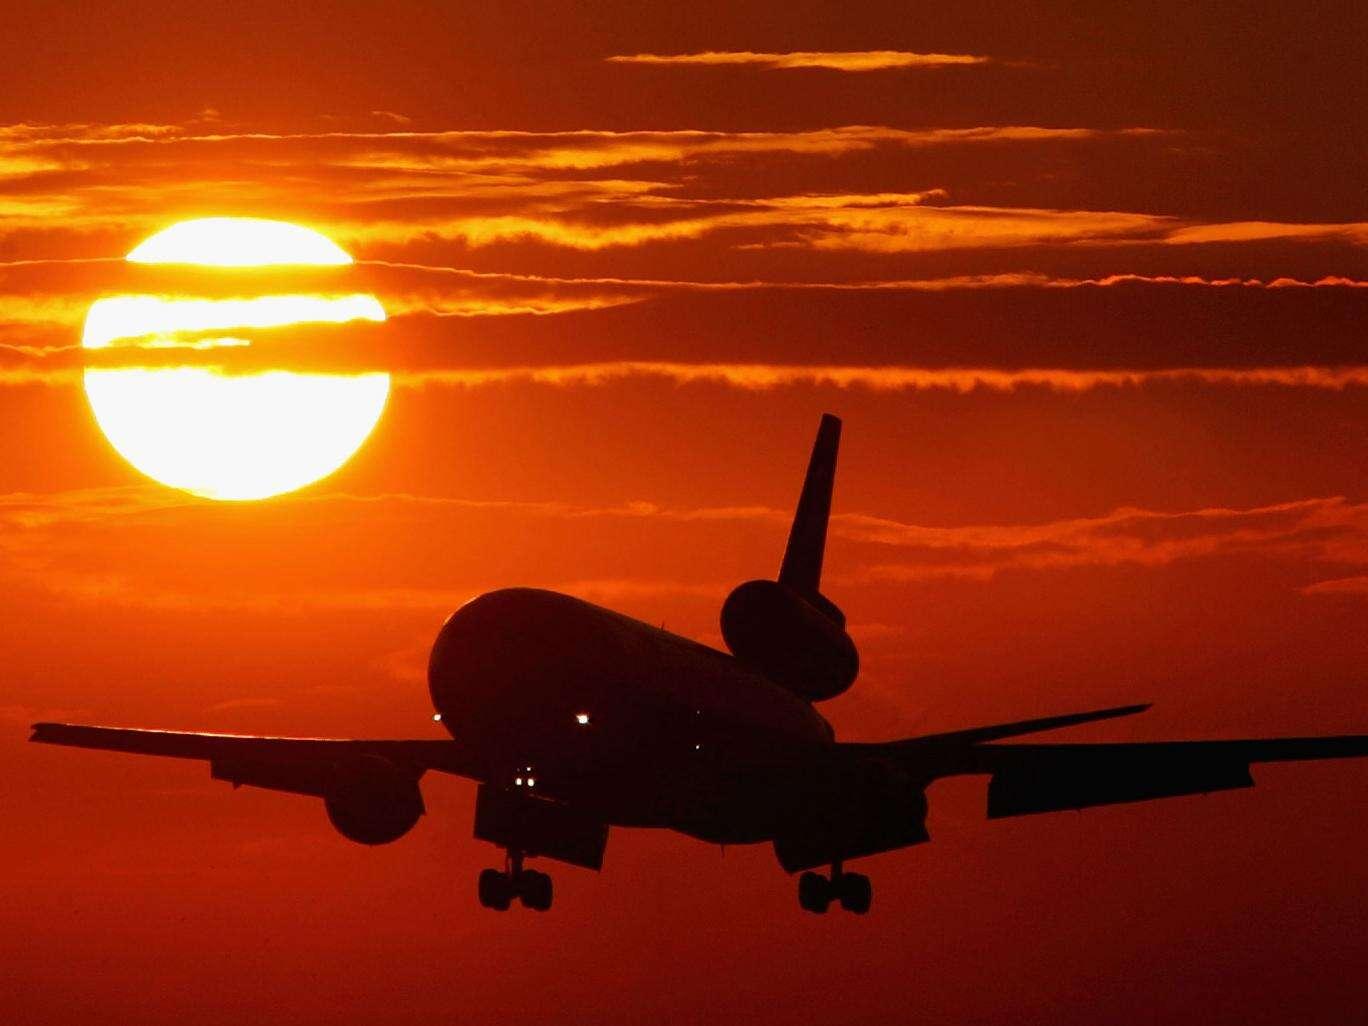 Piloto ameaça derrubar avião com 200 passageiros caso sua esposa o abandonasse